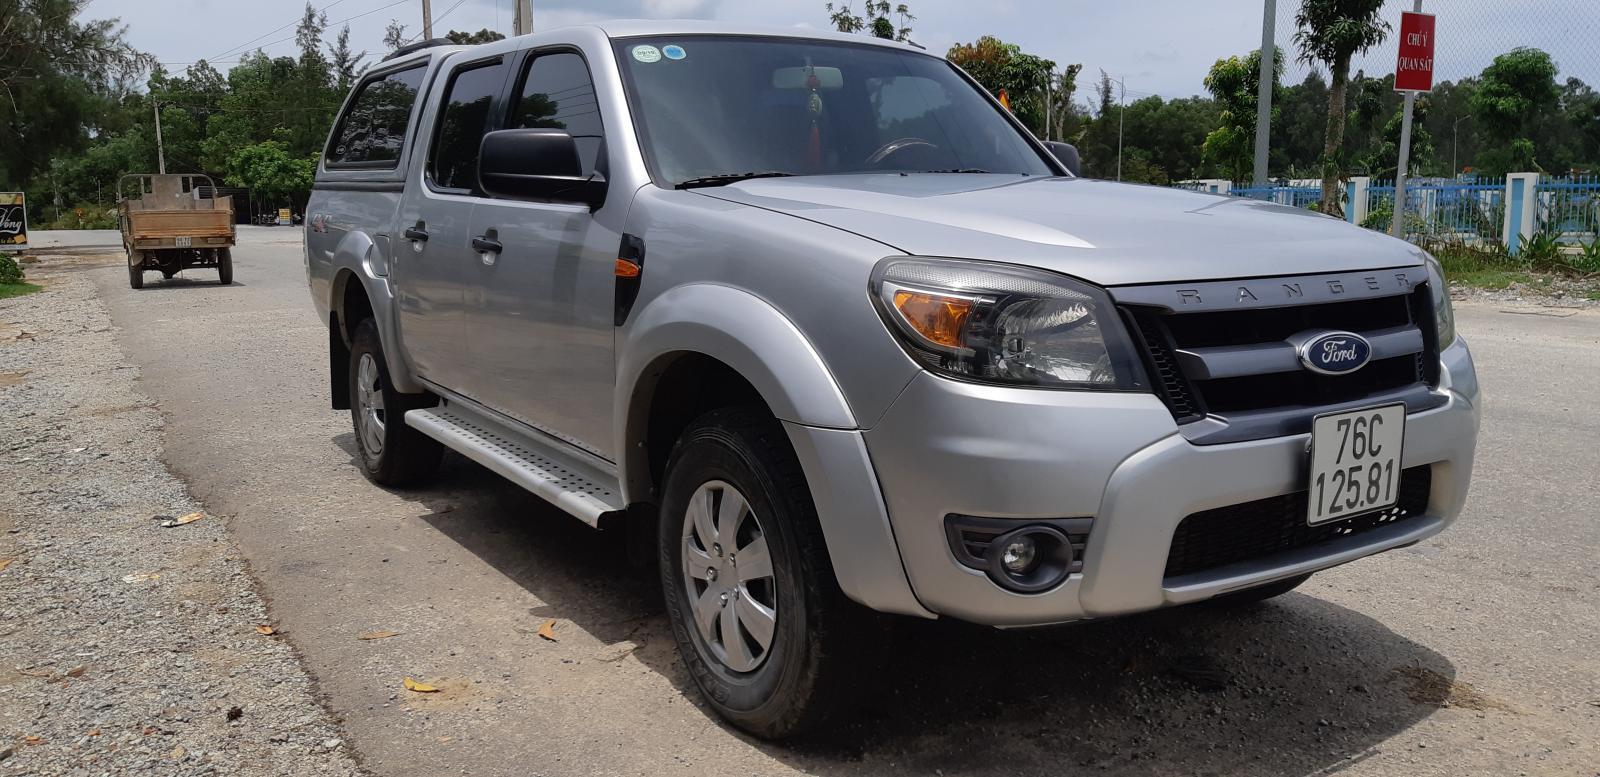 Cần bán Ford Ranger 2009 2 cầu, màu bạc, xe nhập